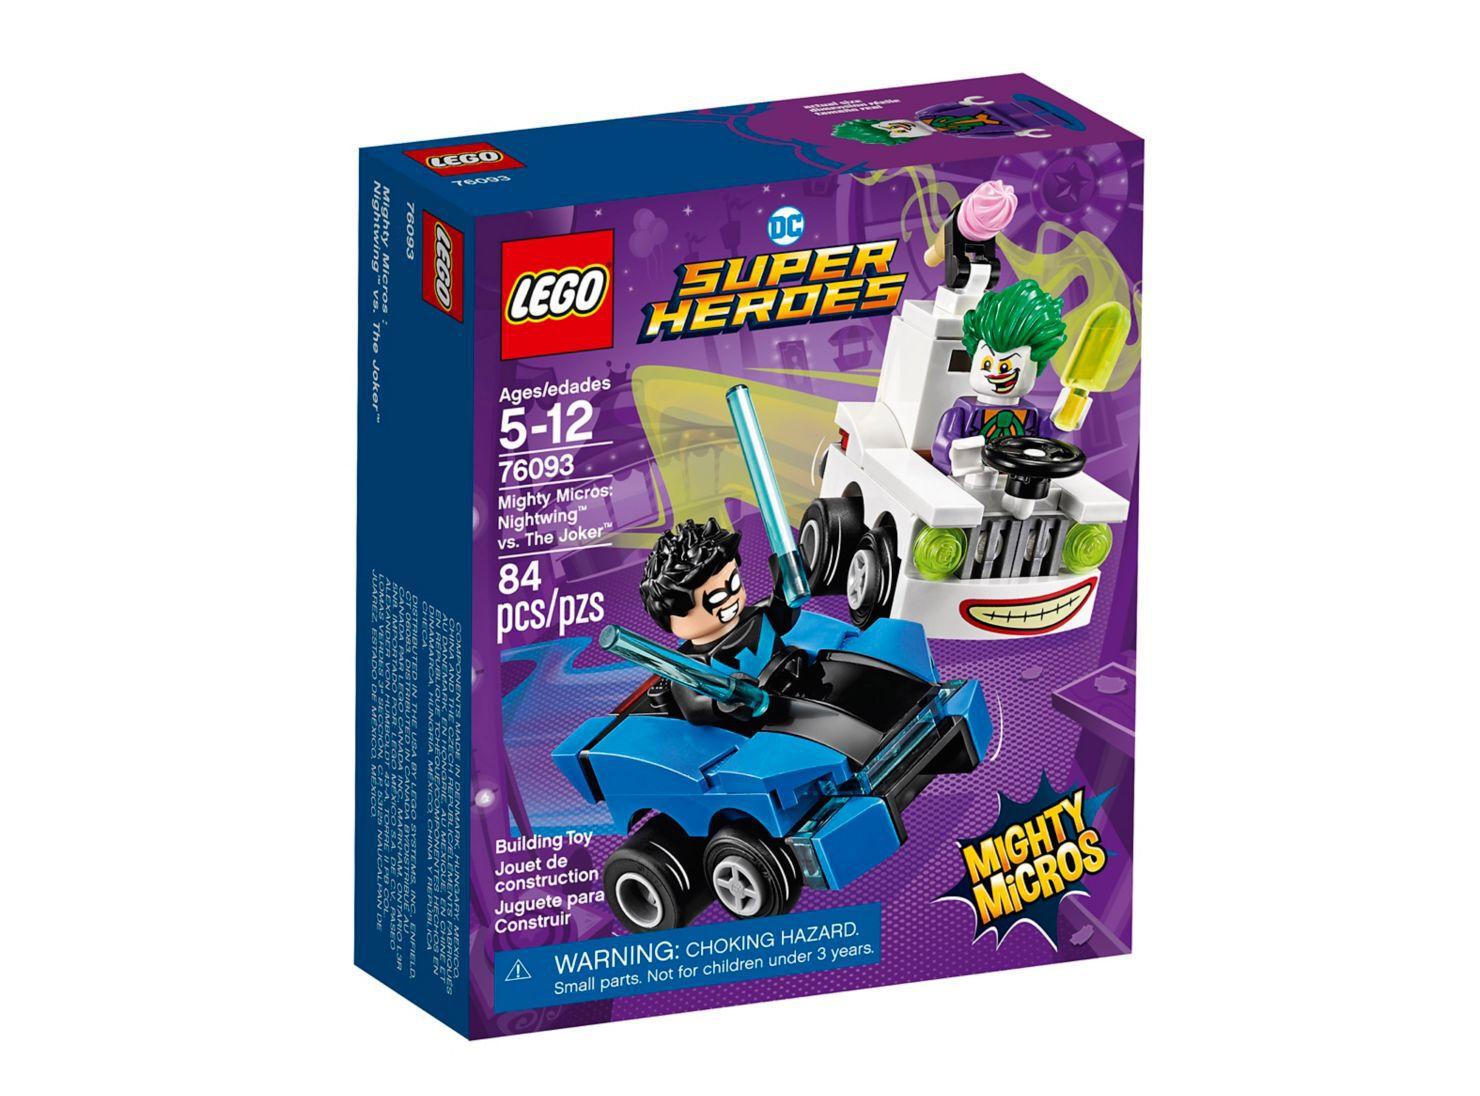 Juego Mighty Micros Nightwing Vs The Joker Lego Lego Y Armables Paris Cl